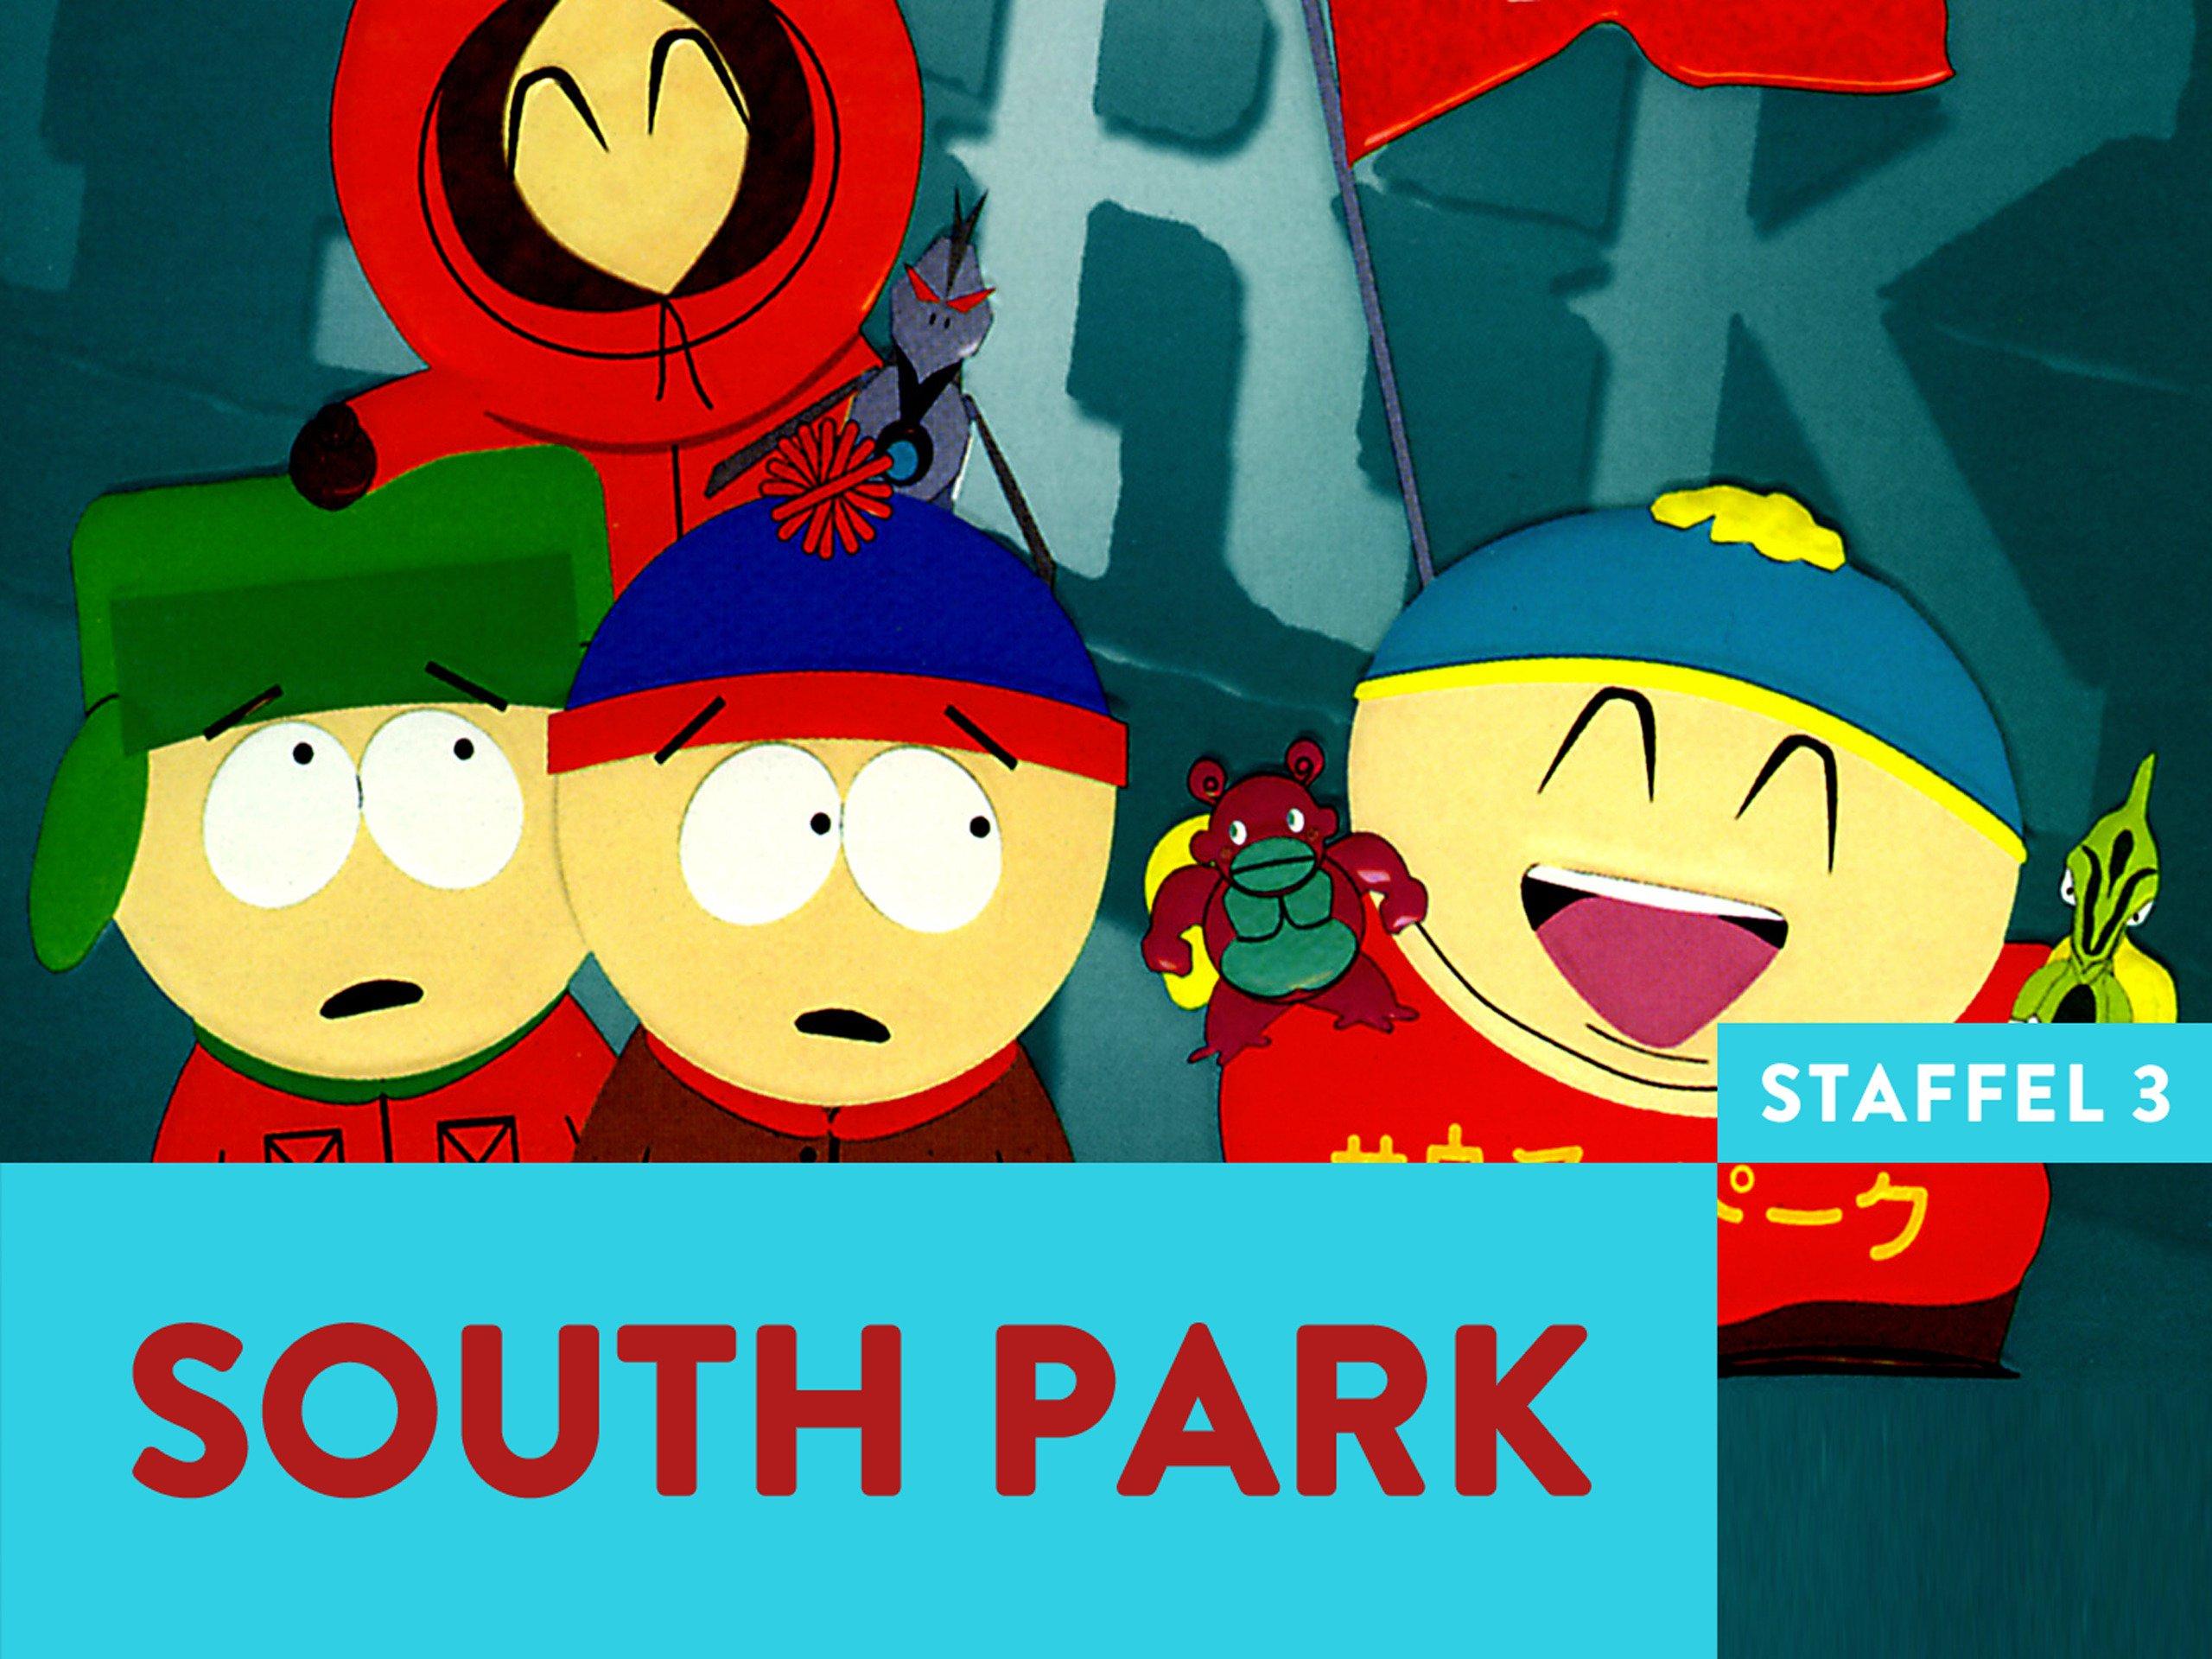 Amazon.de: South Park Staffel 3 ansehen | Prime Video